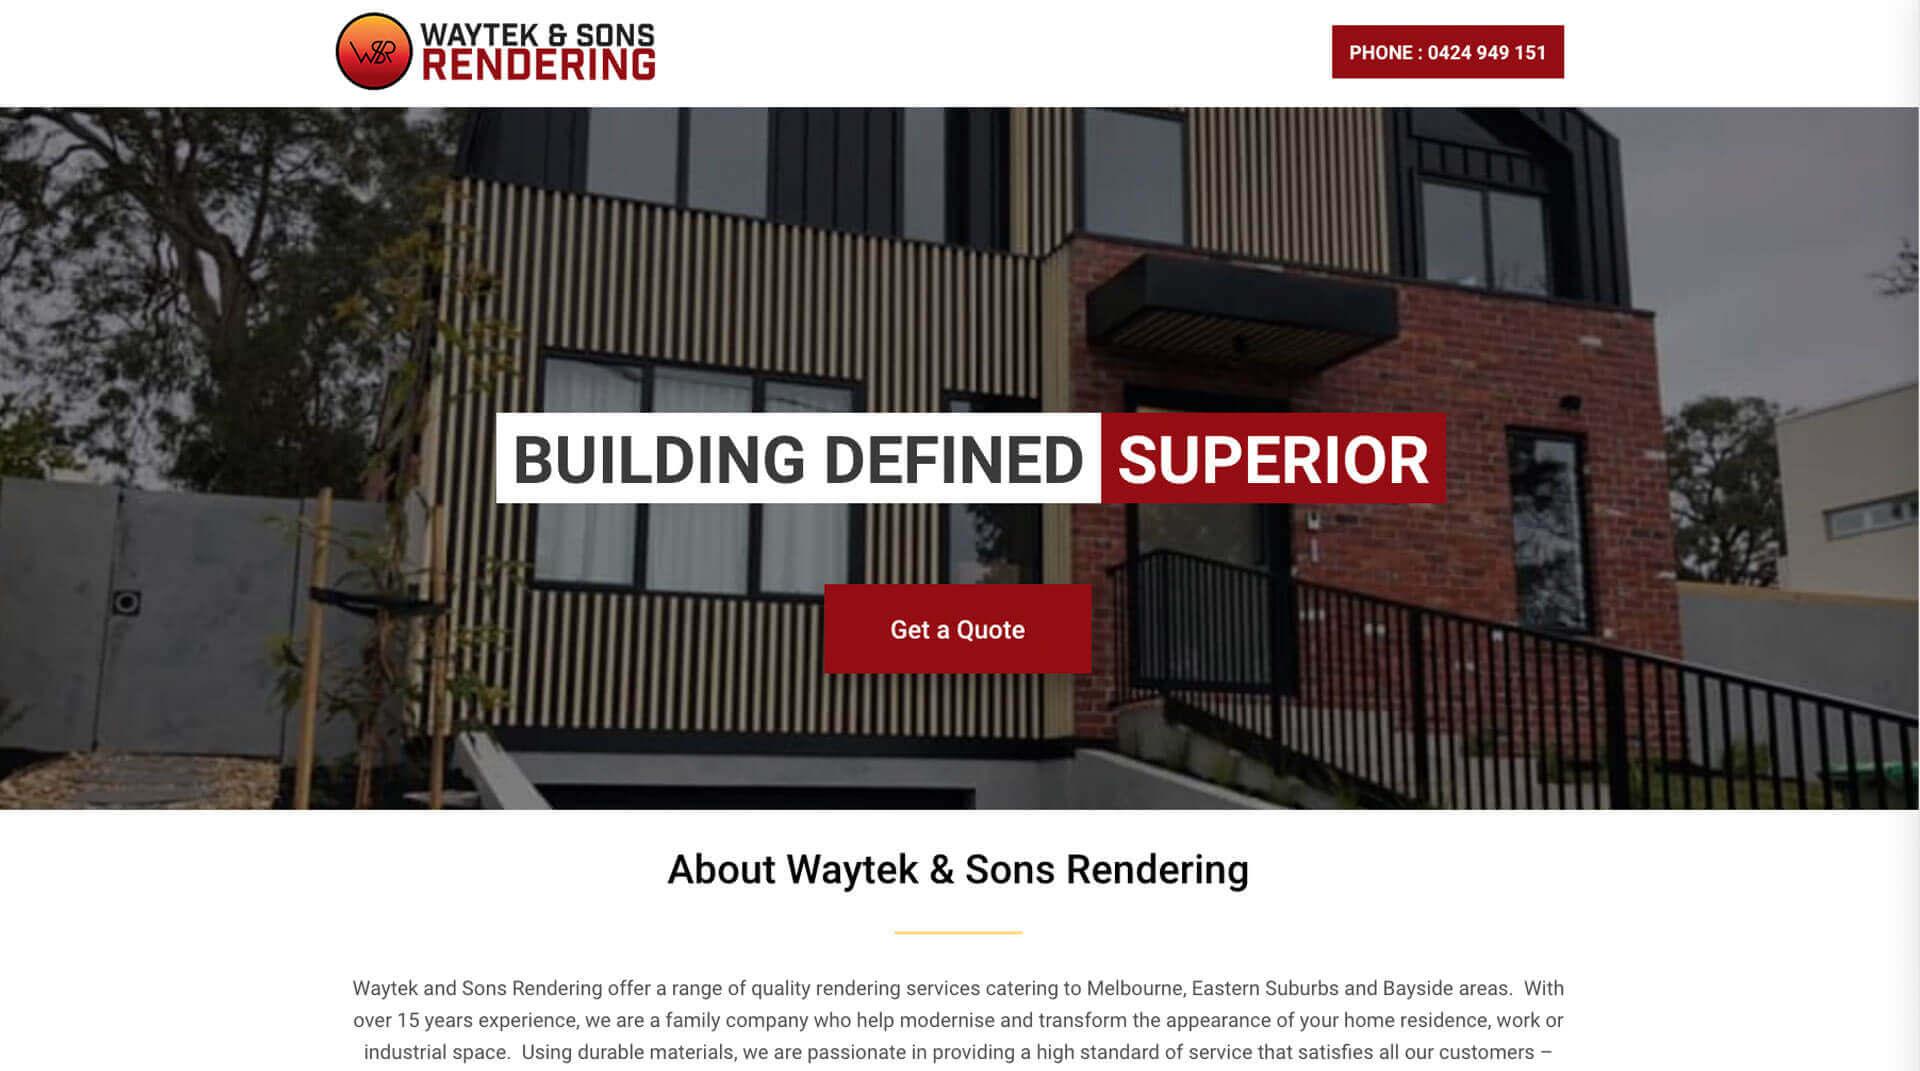 Waytek & Sons Rendering - Tradie Package